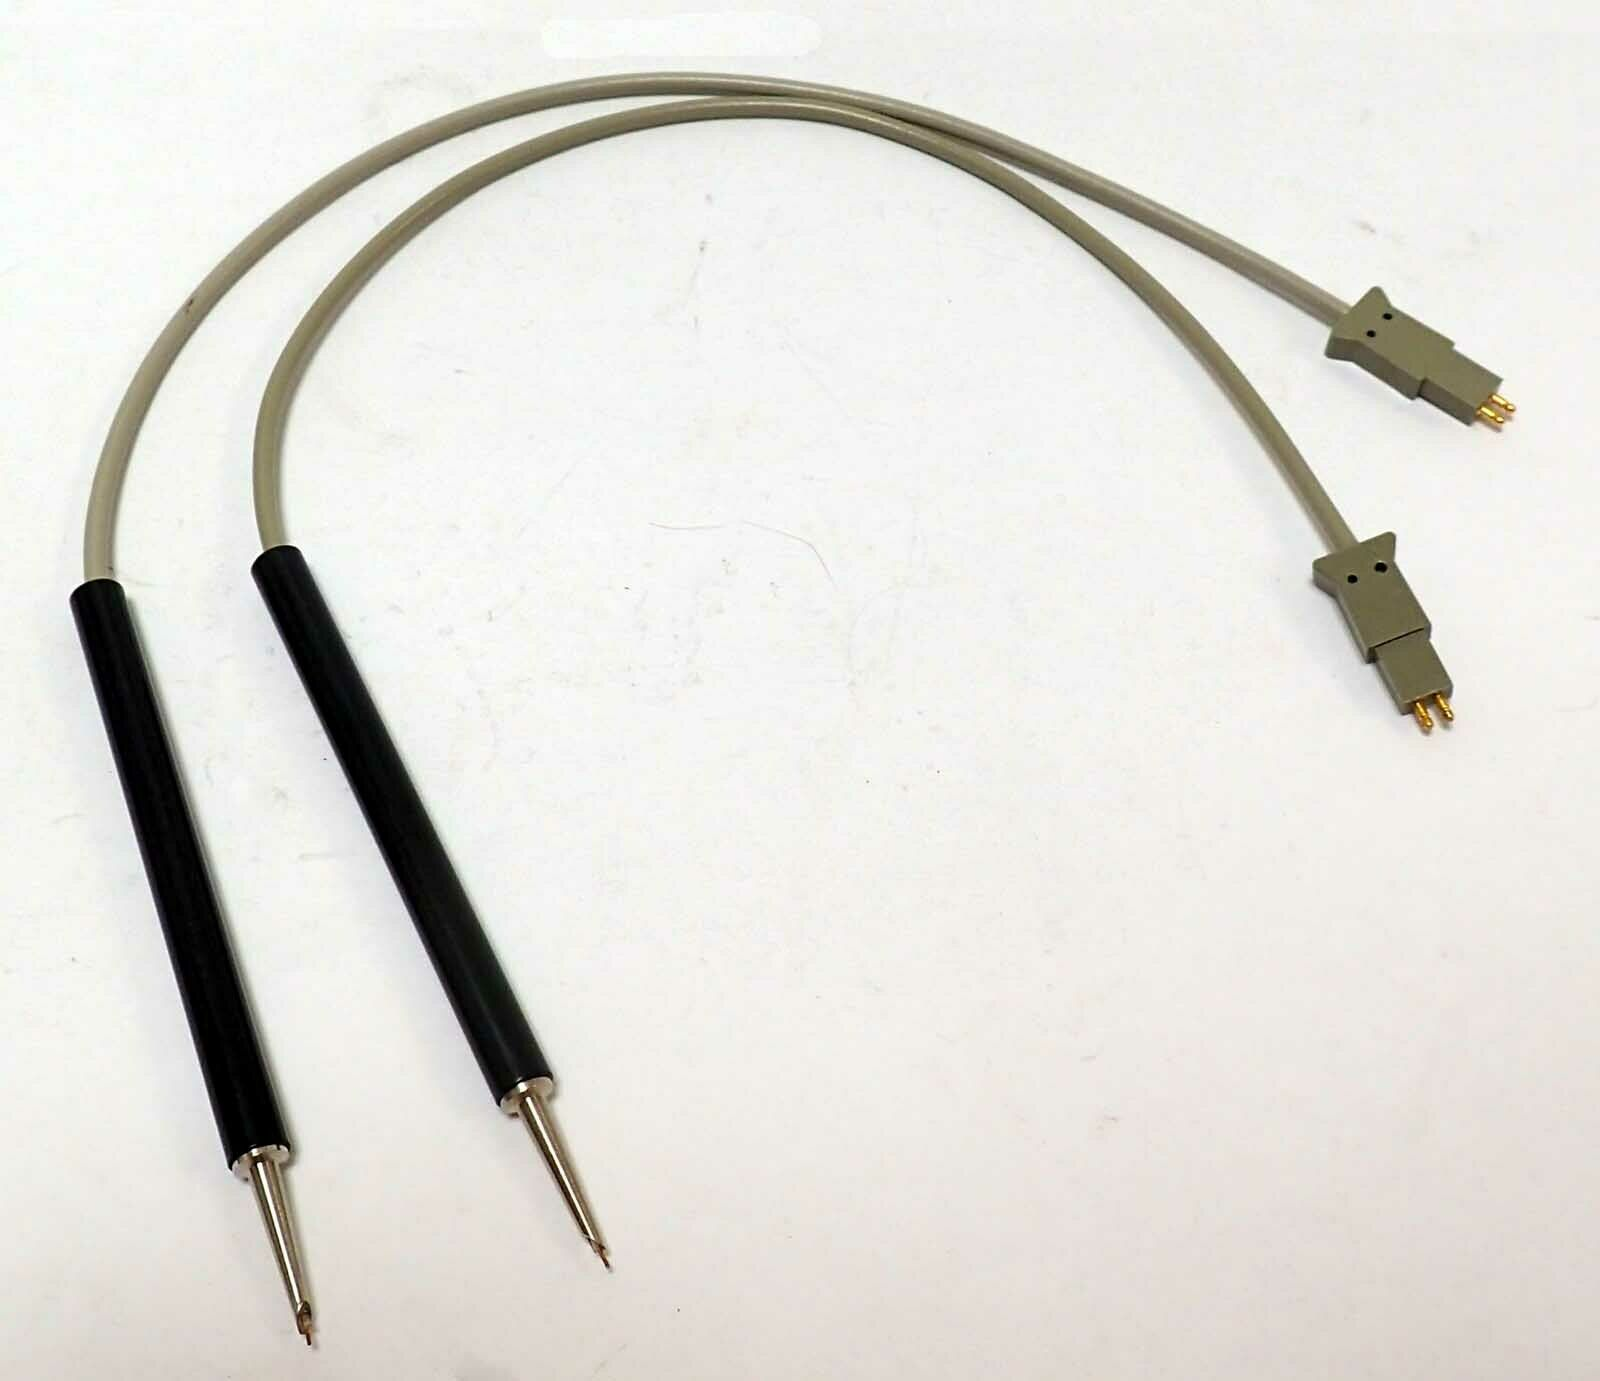 The Agilent AGILENT 34138A multimeter pen